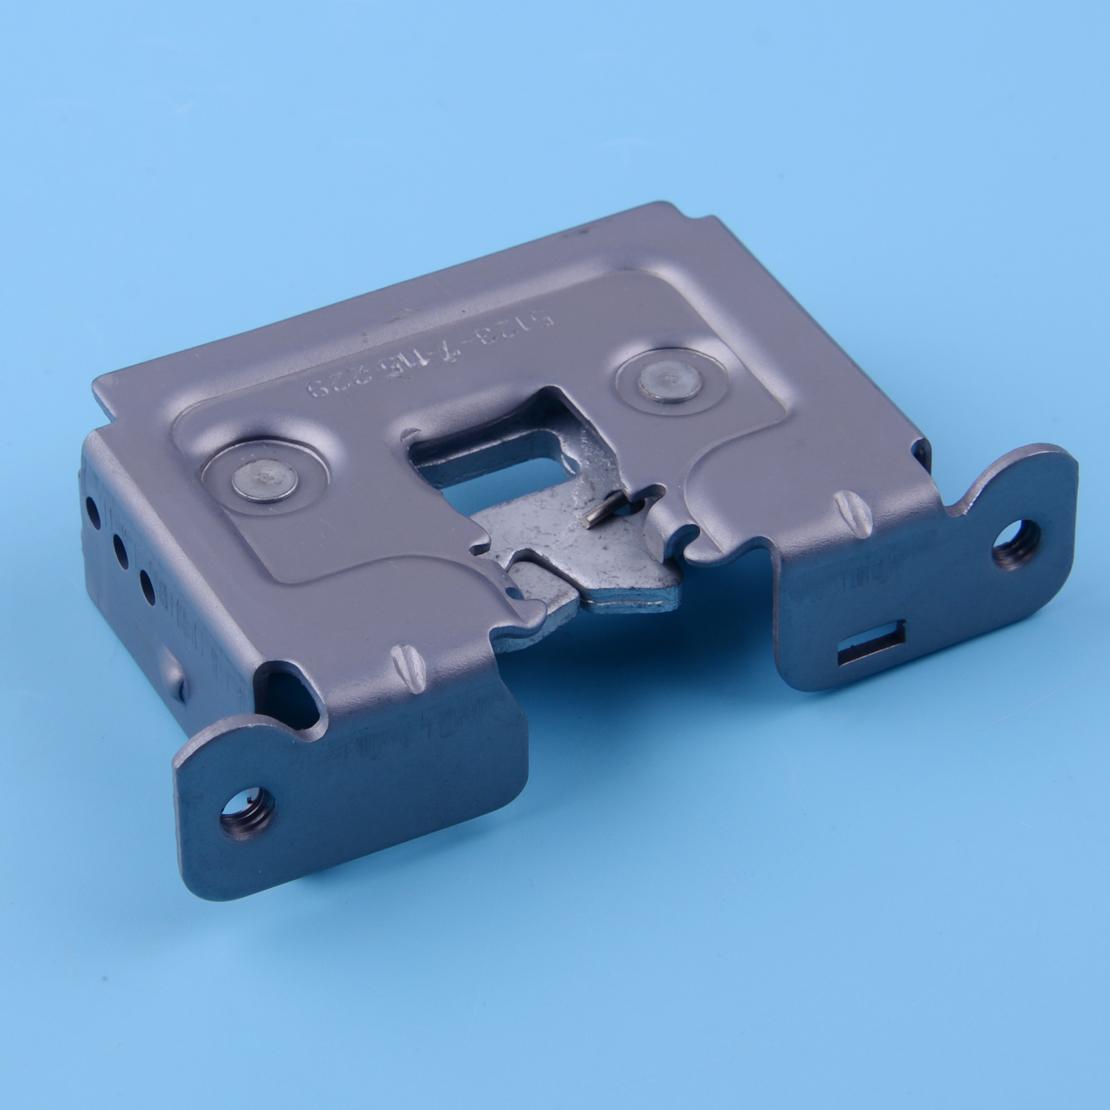 FOR BMW 1 3 5 SERIES E60 E61 E81 E87 E90 BONNET CATCH LOCK RELEASE MECHANISM